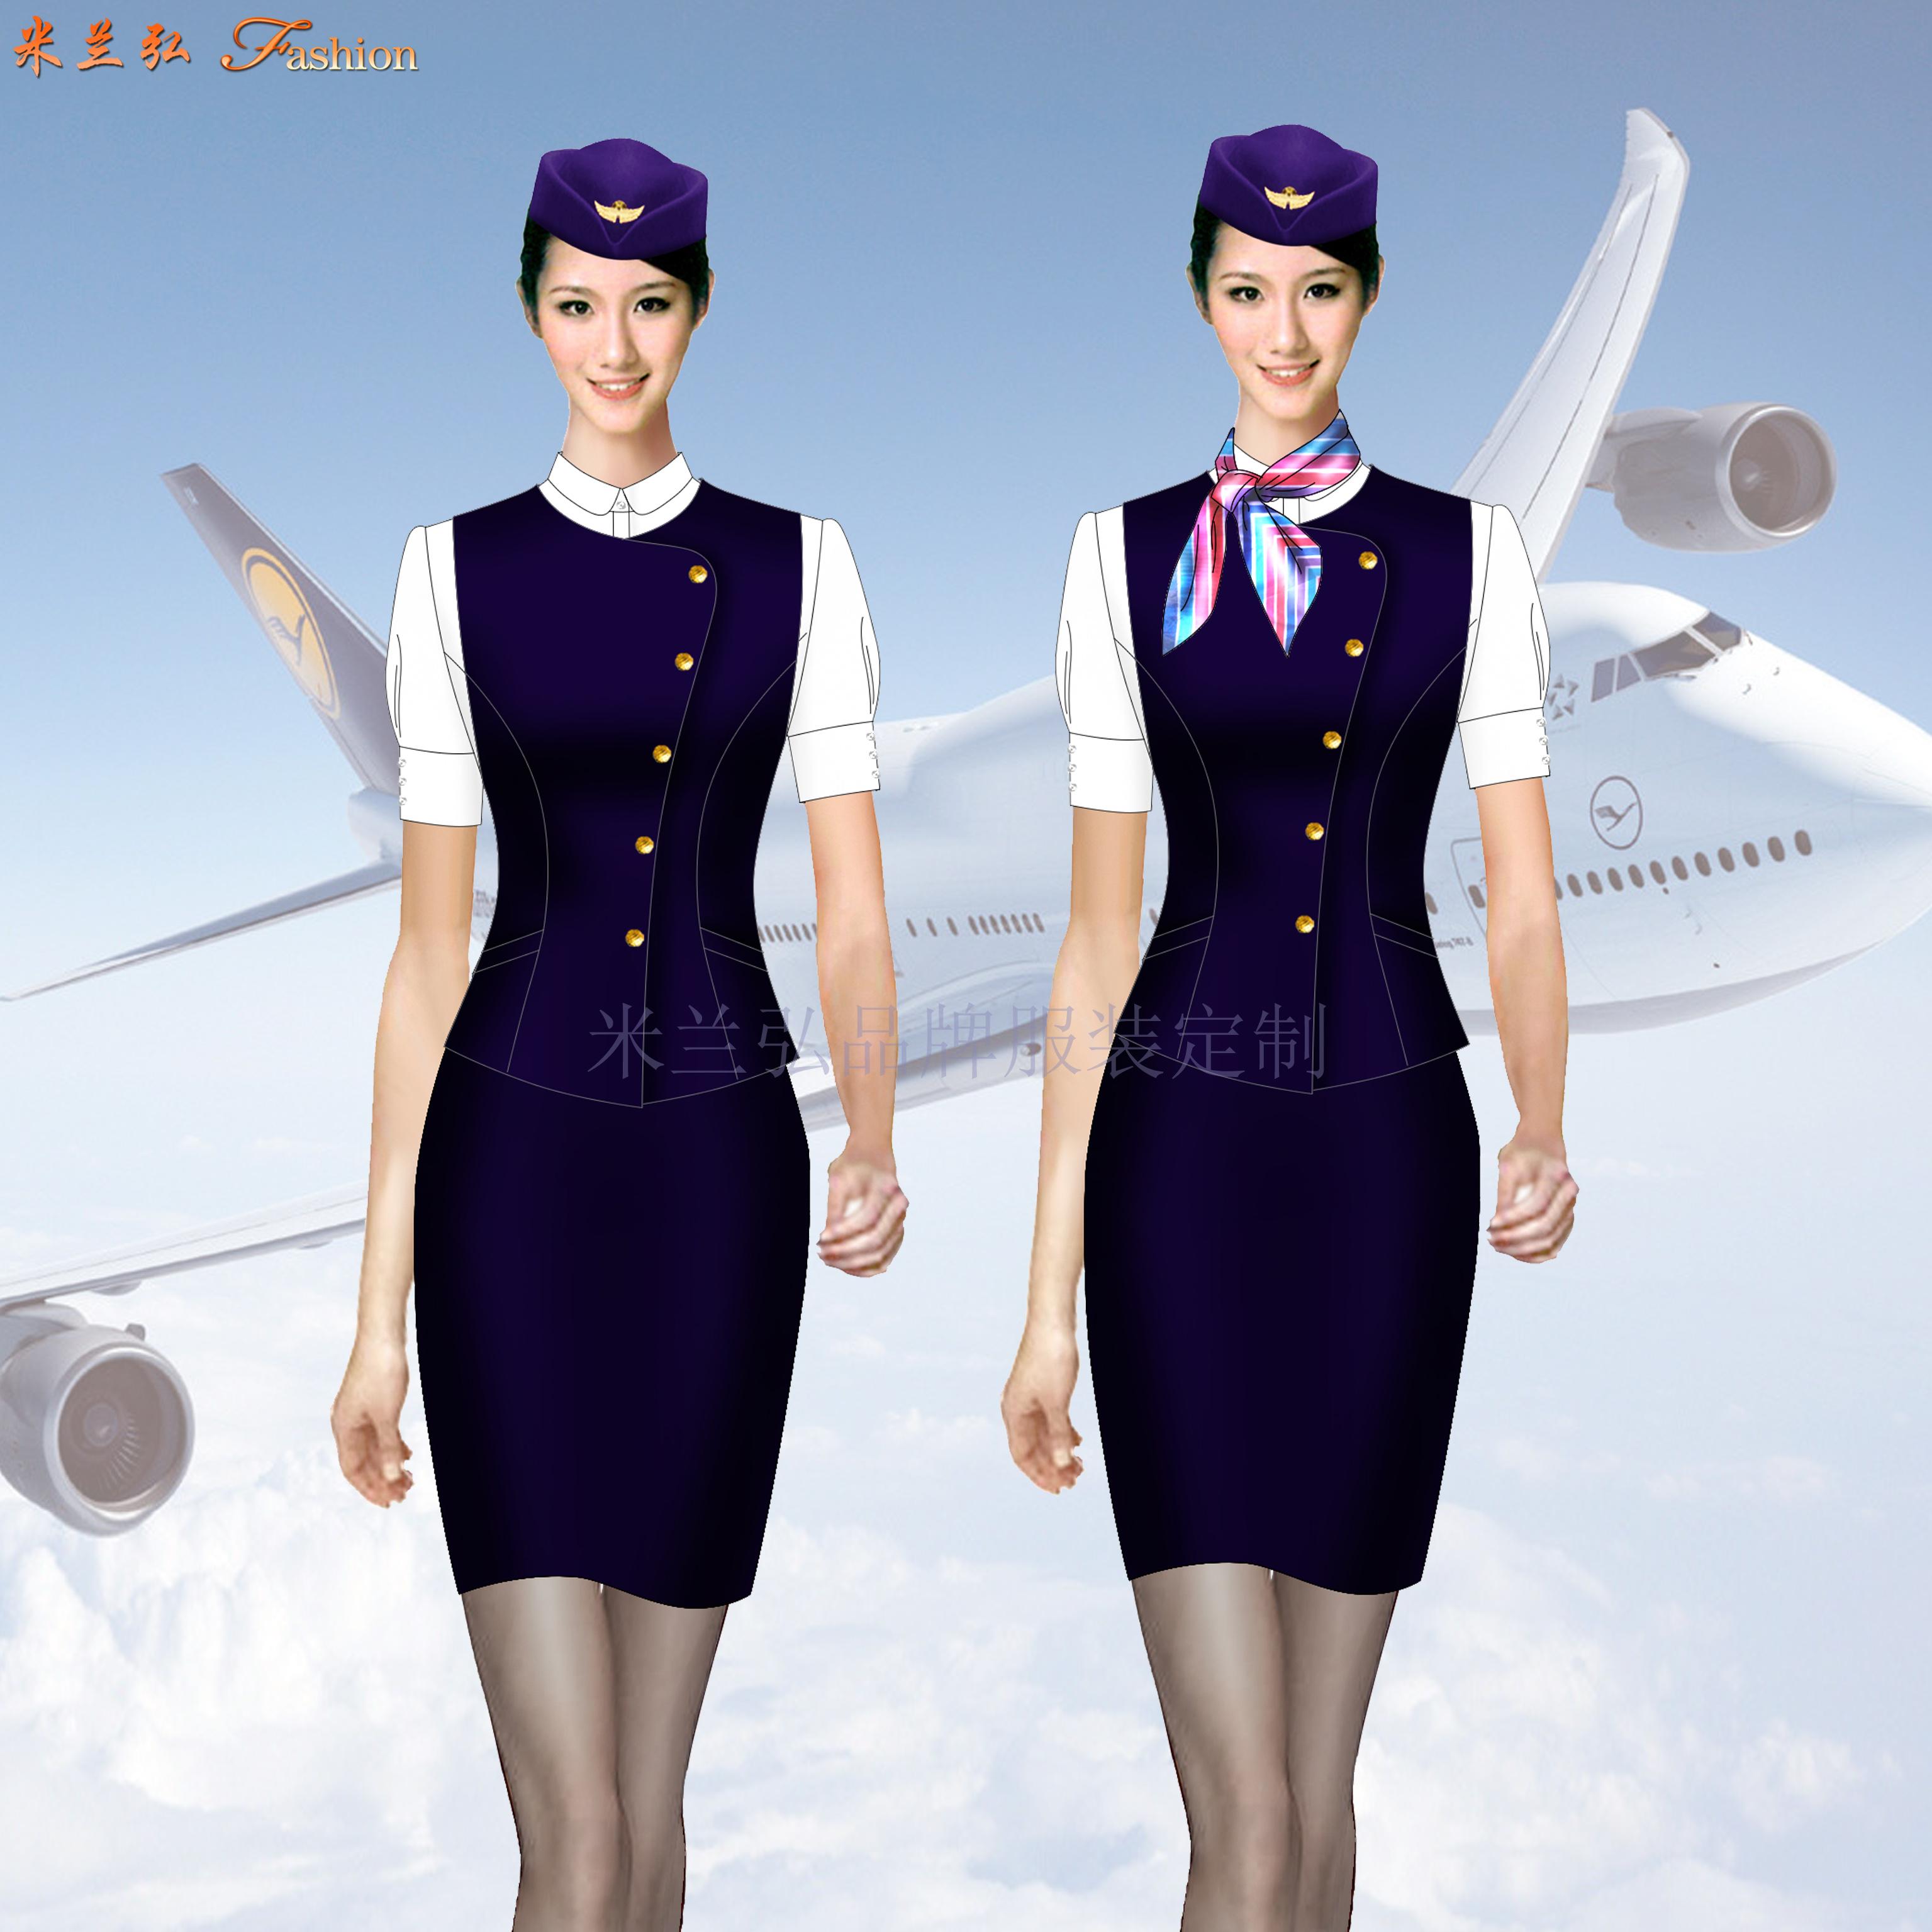 空姐職業裝價格-飛機乘務員職業裝定制-米蘭弘廠家-1